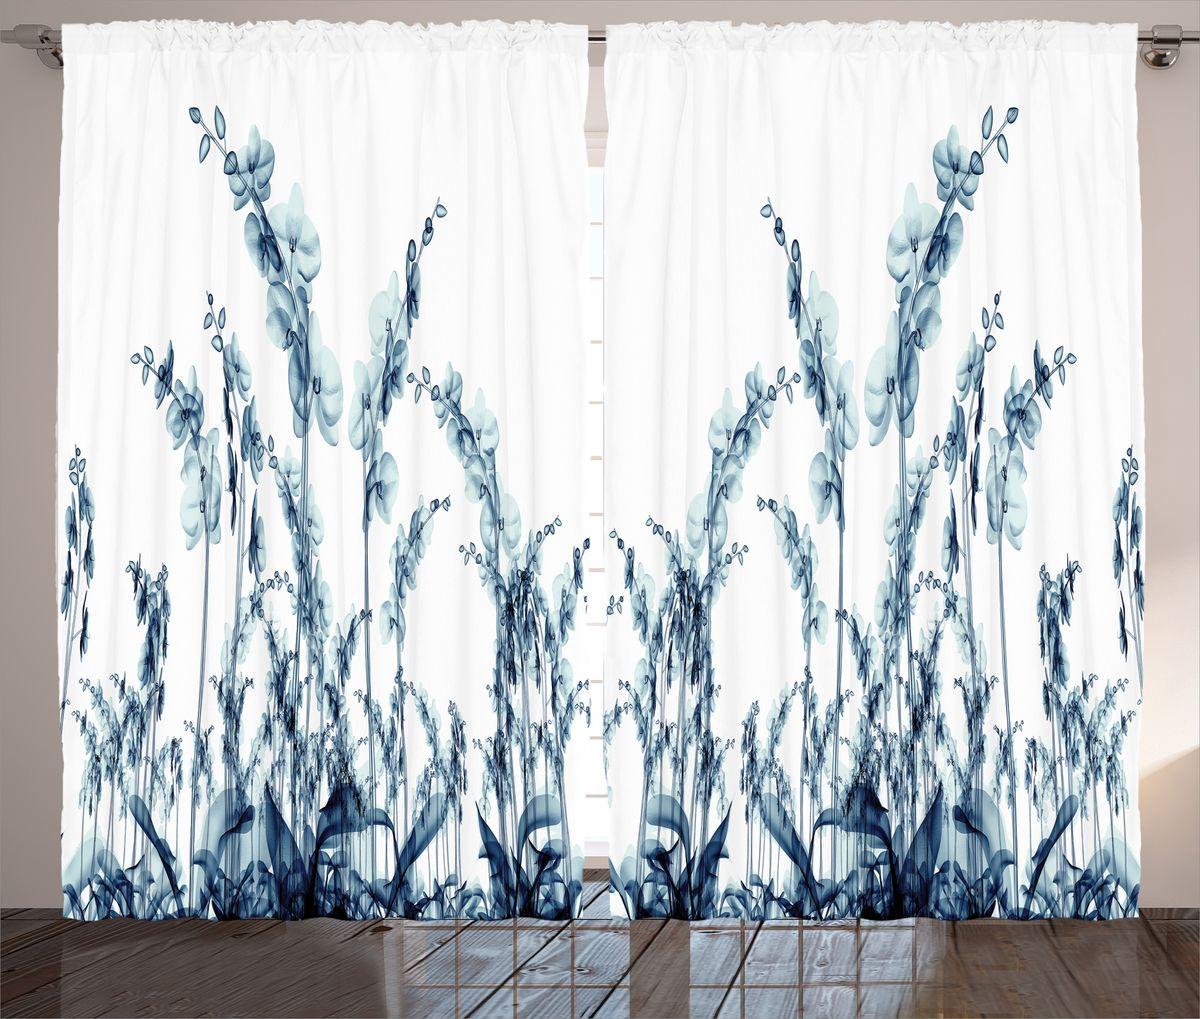 Комплект фотоштор Magic Lady Орхидеи из синего стекла, на ленте, высота 265 см. шсг_144711004900000360Компания Сэмболь изготавливает шторы из высококачественного сатена (полиэстер 100%). При изготовлении используются специальные гипоаллергенные чернила для прямой печати по ткани, безопасные для человека и животных. Экологичность продукции Magic lady и безопасность для окружающей среды подтверждены сертификатом Oeko-Tex Standard 100. Крепление: крючки для крепления на шторной ленте (50 шт). Возможно крепление на трубу. Внимание! При нанесении сублимационной печати на ткань технологическим методом при температуре 240°С, возможно отклонение полученных размеров (указанных на этикетке и сайте) от стандартных на + - 3-5 см. Производитель старается максимально точно передать цвета изделия на фотографиях, однако искажения неизбежны и фактический цвет изделия может отличаться от воспринимаемого по фото. Обратите внимание! Шторы изготовлены из полиэстра сатенового переплетения, а не из сатина (хлопок). Размер одного полотна шторы: 145х265 см. В комплекте 2 полотна шторы и 50 крючков.